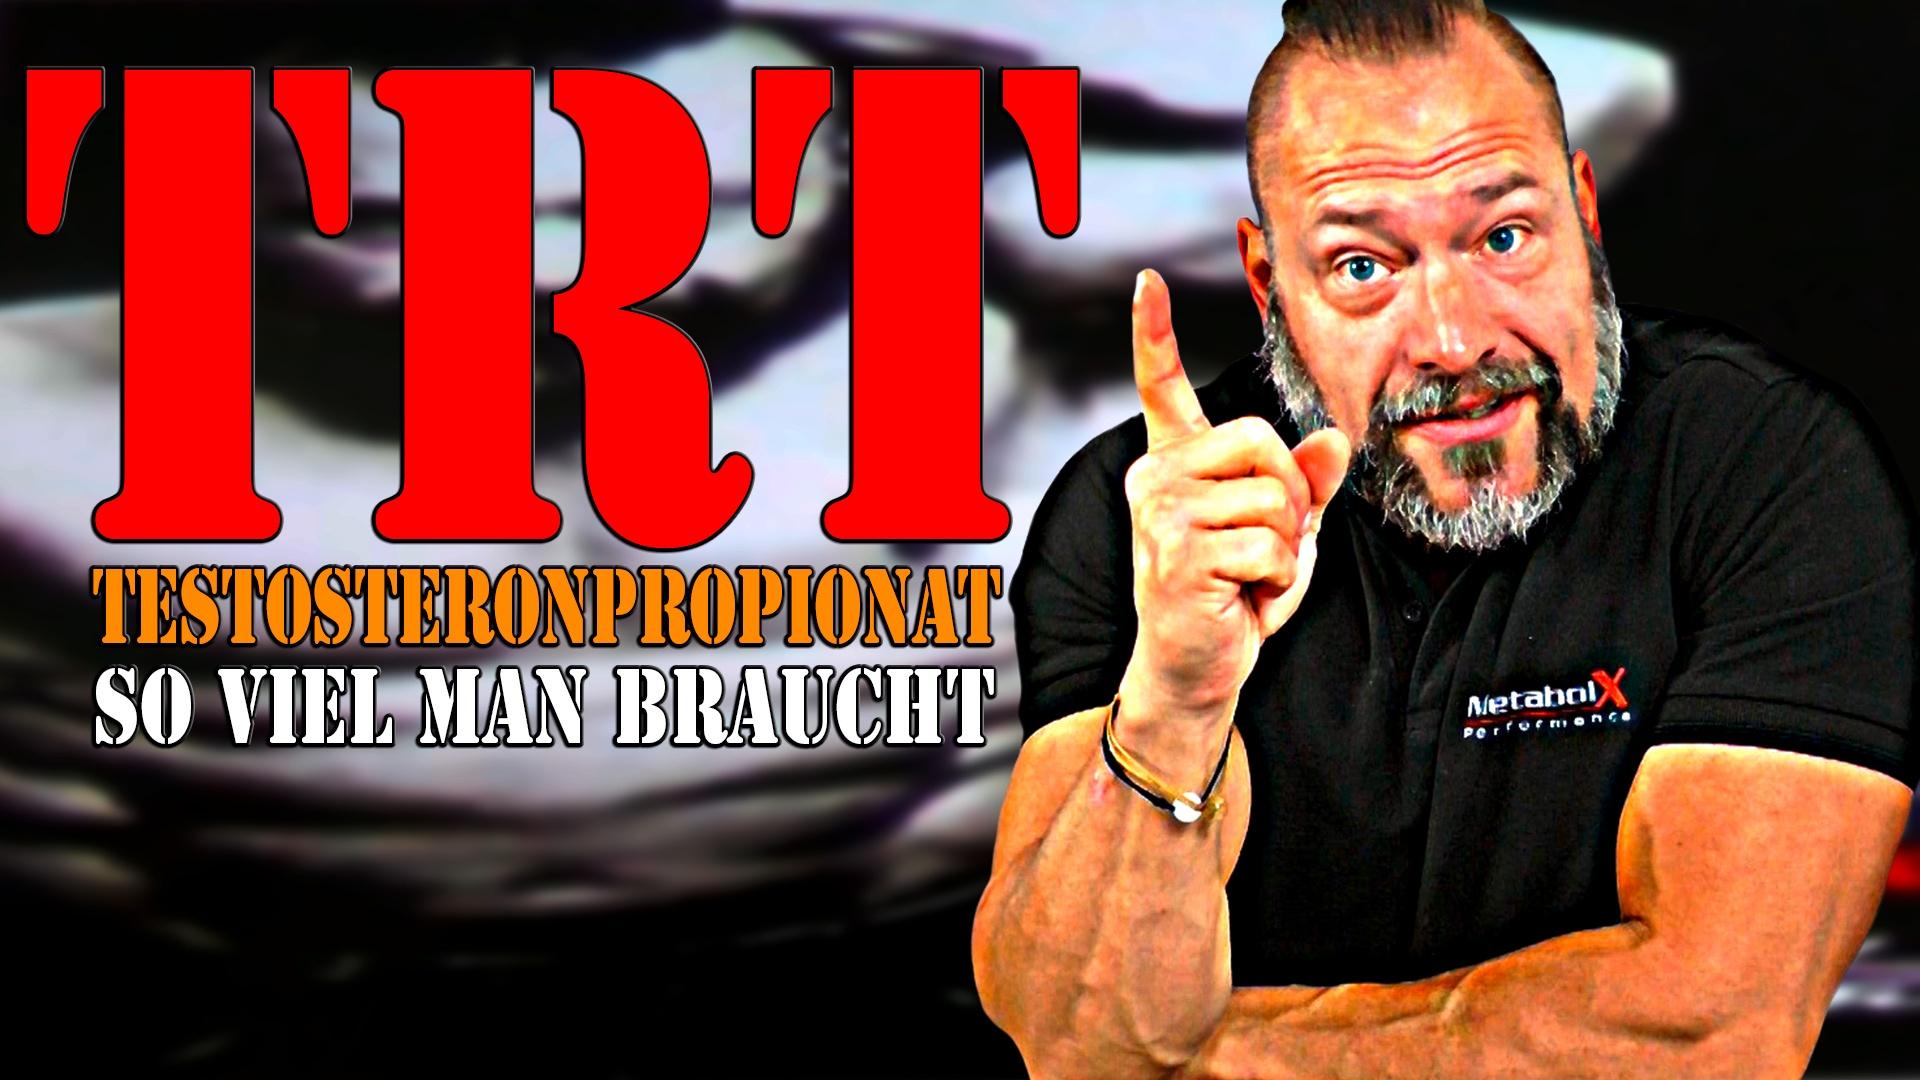 Video: TRT - So viel Testosteron Propionat wie man braucht